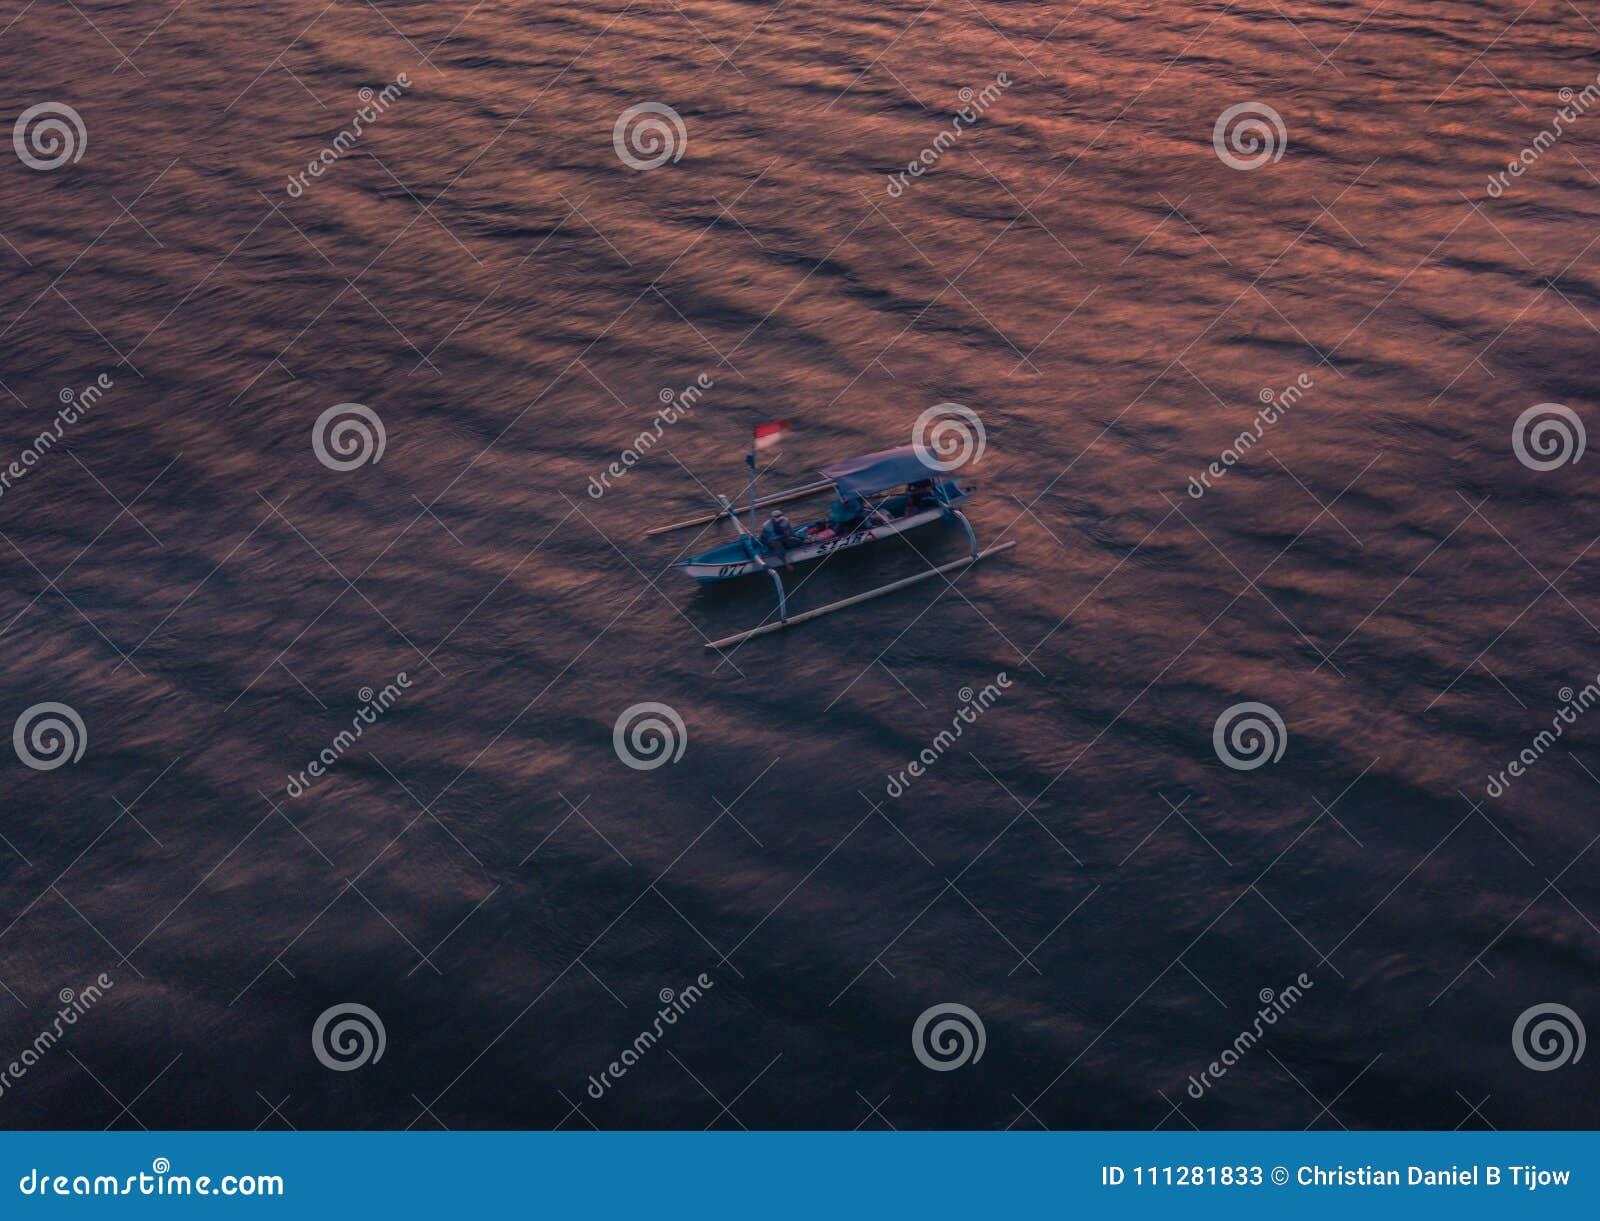 τον Ιανουάριο του 2018 του ΜΠΑΛΙ - της ΙΝΔΟΝΗΣΙΑΣ - ψαράς στη μικρή βάρκα